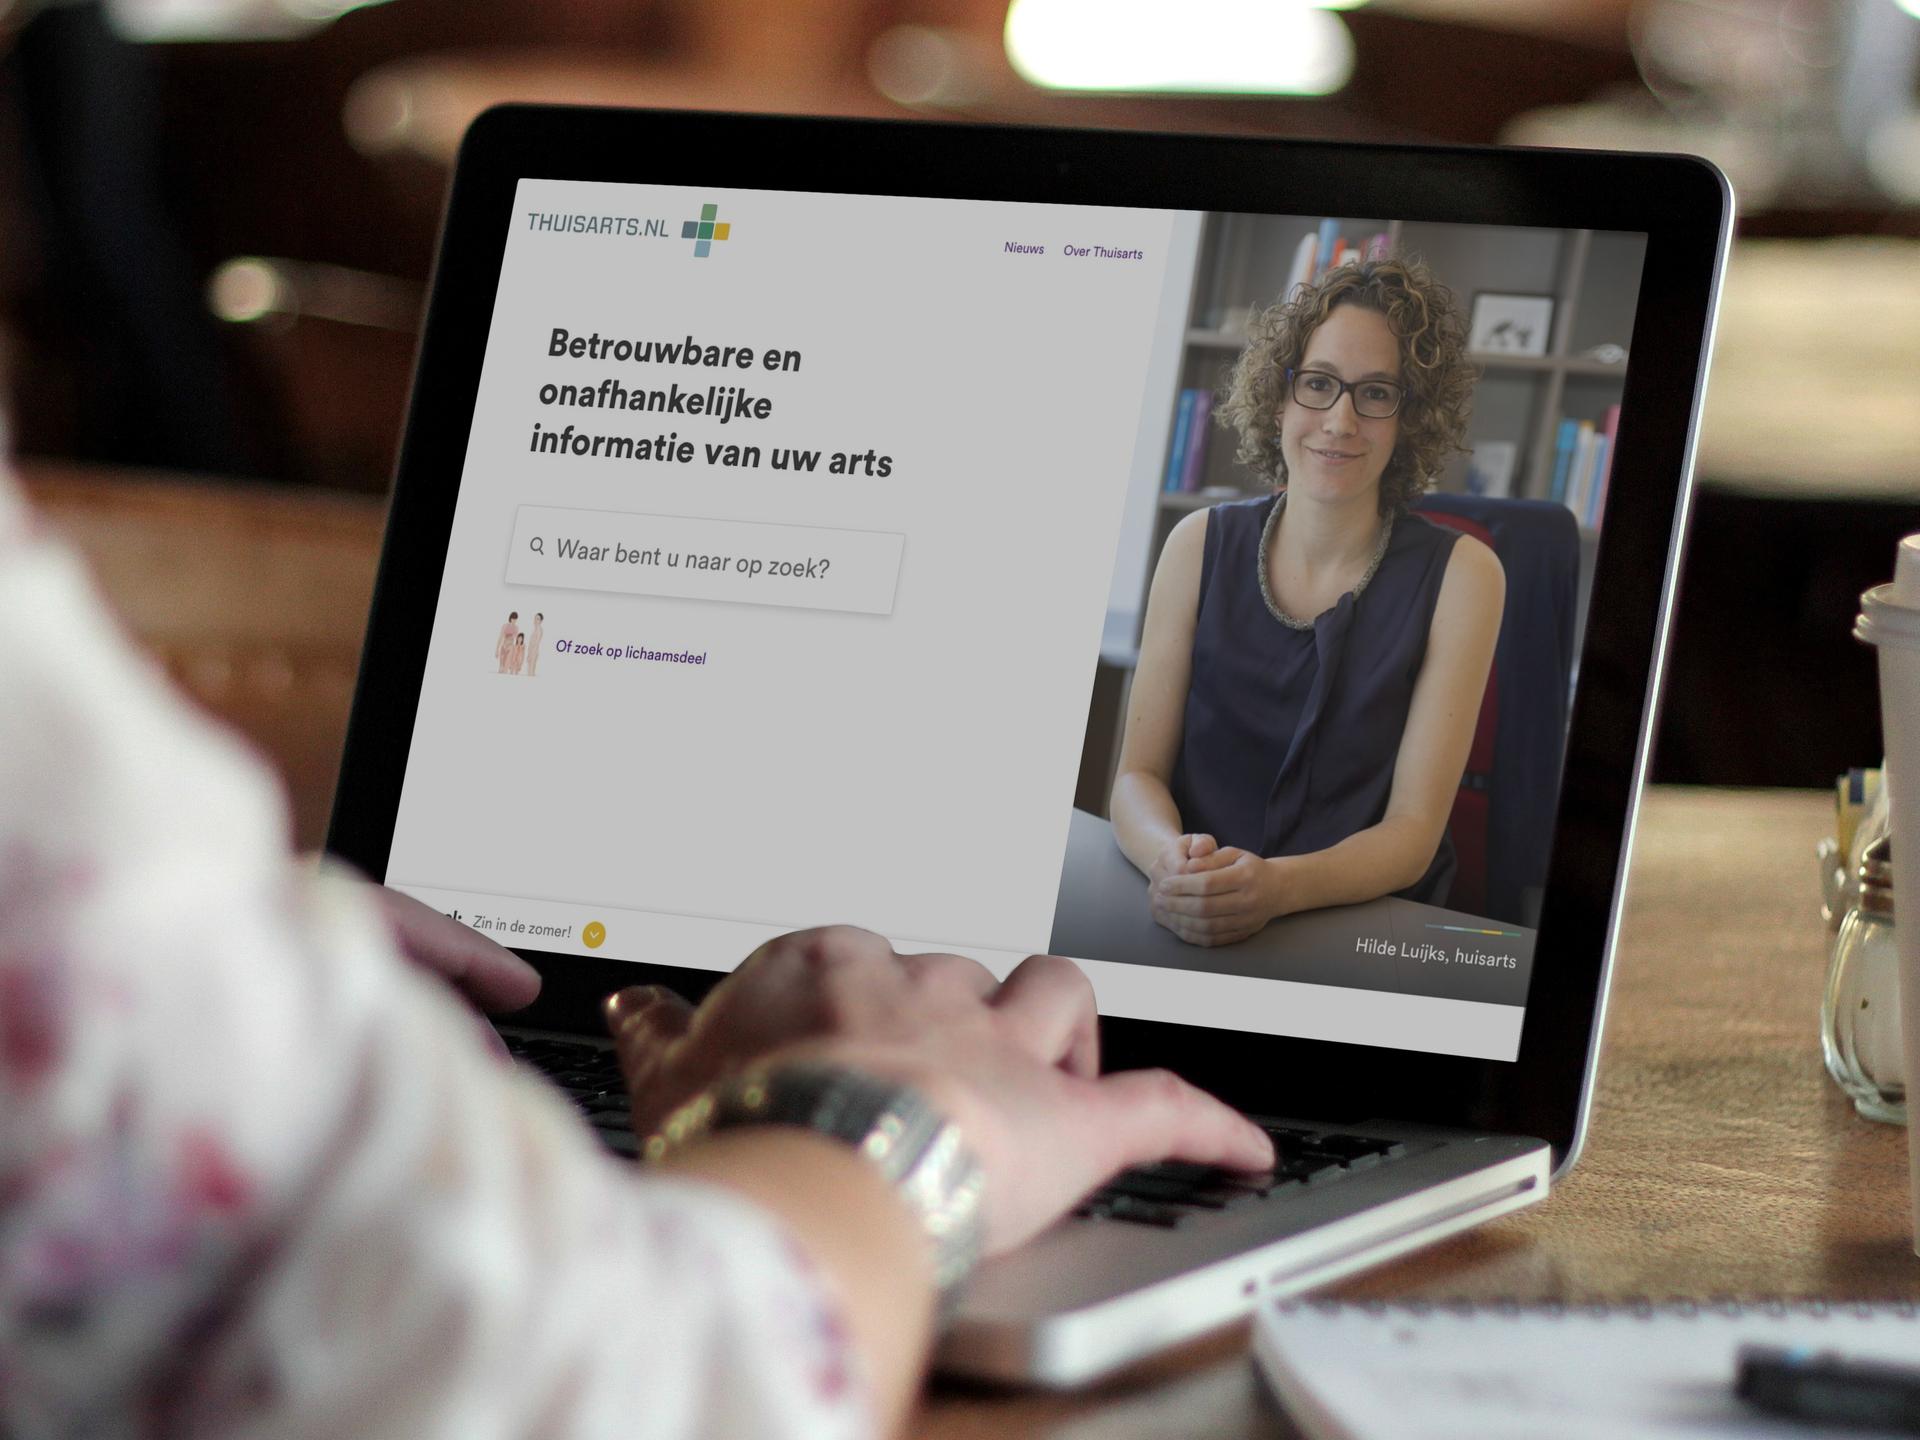 Thuisarts.nl Drupal website